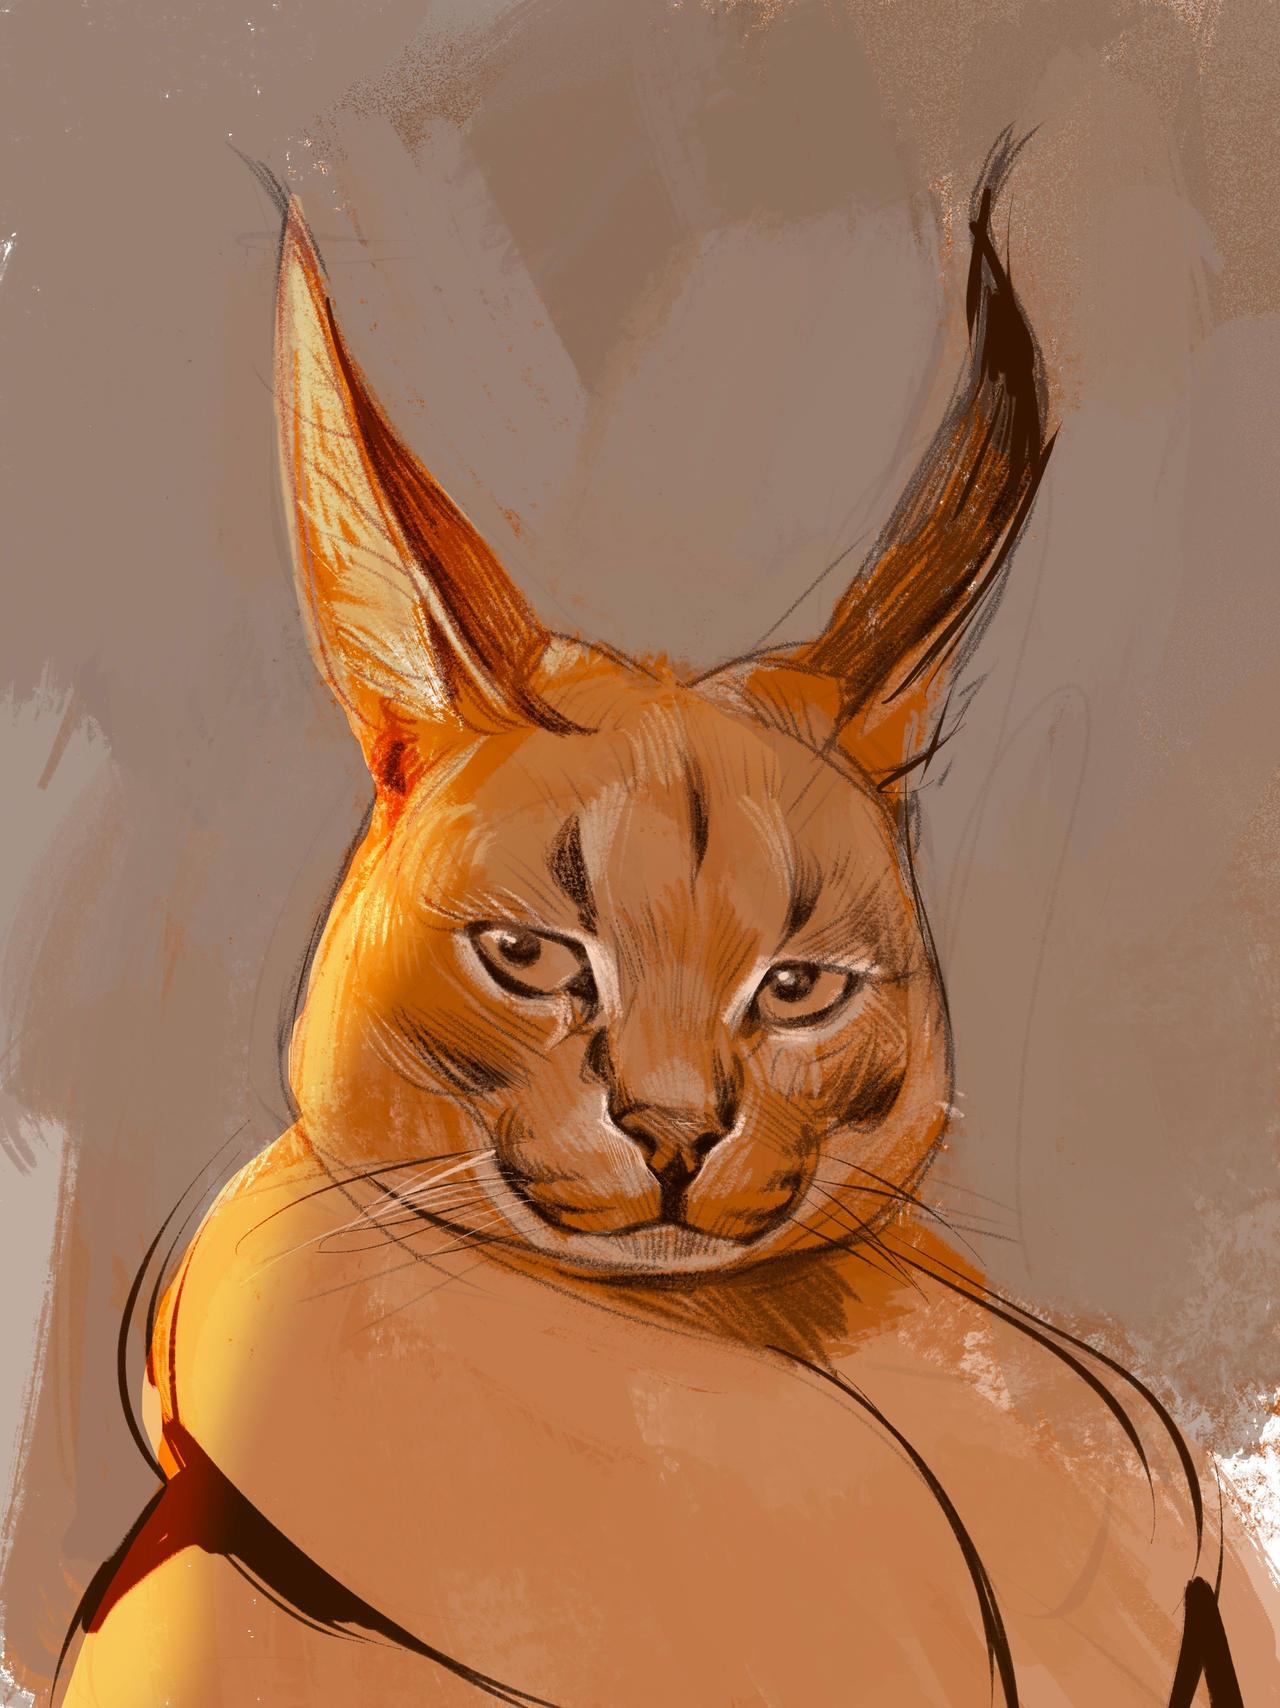 feral_cat_by_lofilife_ddu0sot-fullview.jpg